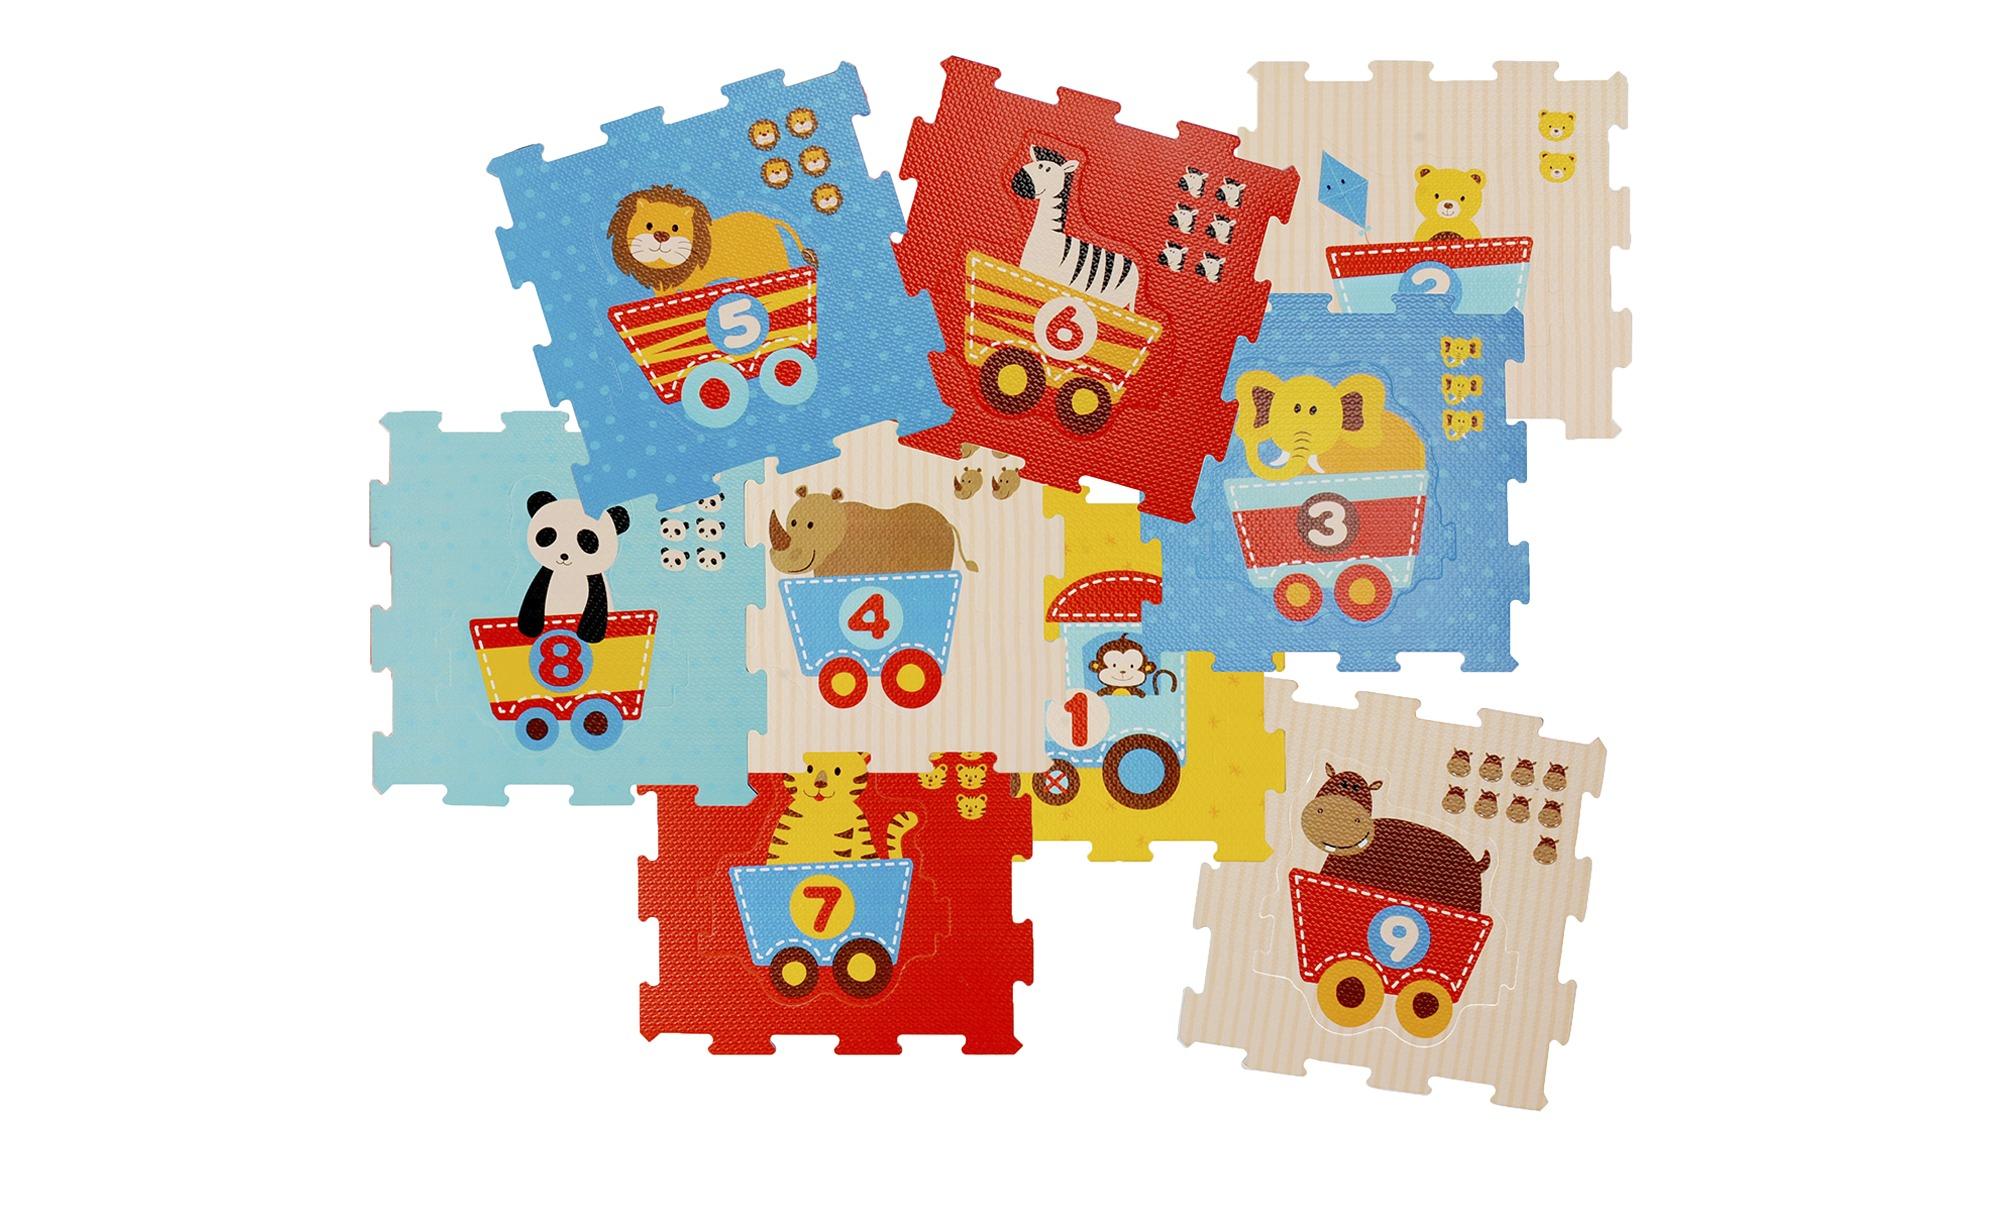 Puzzelmatte  Tier Motivzug ¦ mehrfarbig ¦ 100% Polyurethan, Matten mit einem farbigen Gummi beschichtet ¦ Maße (cm): B: 32 H: 1 T: 9 Teppiche > Kinderteppiche - Höffner